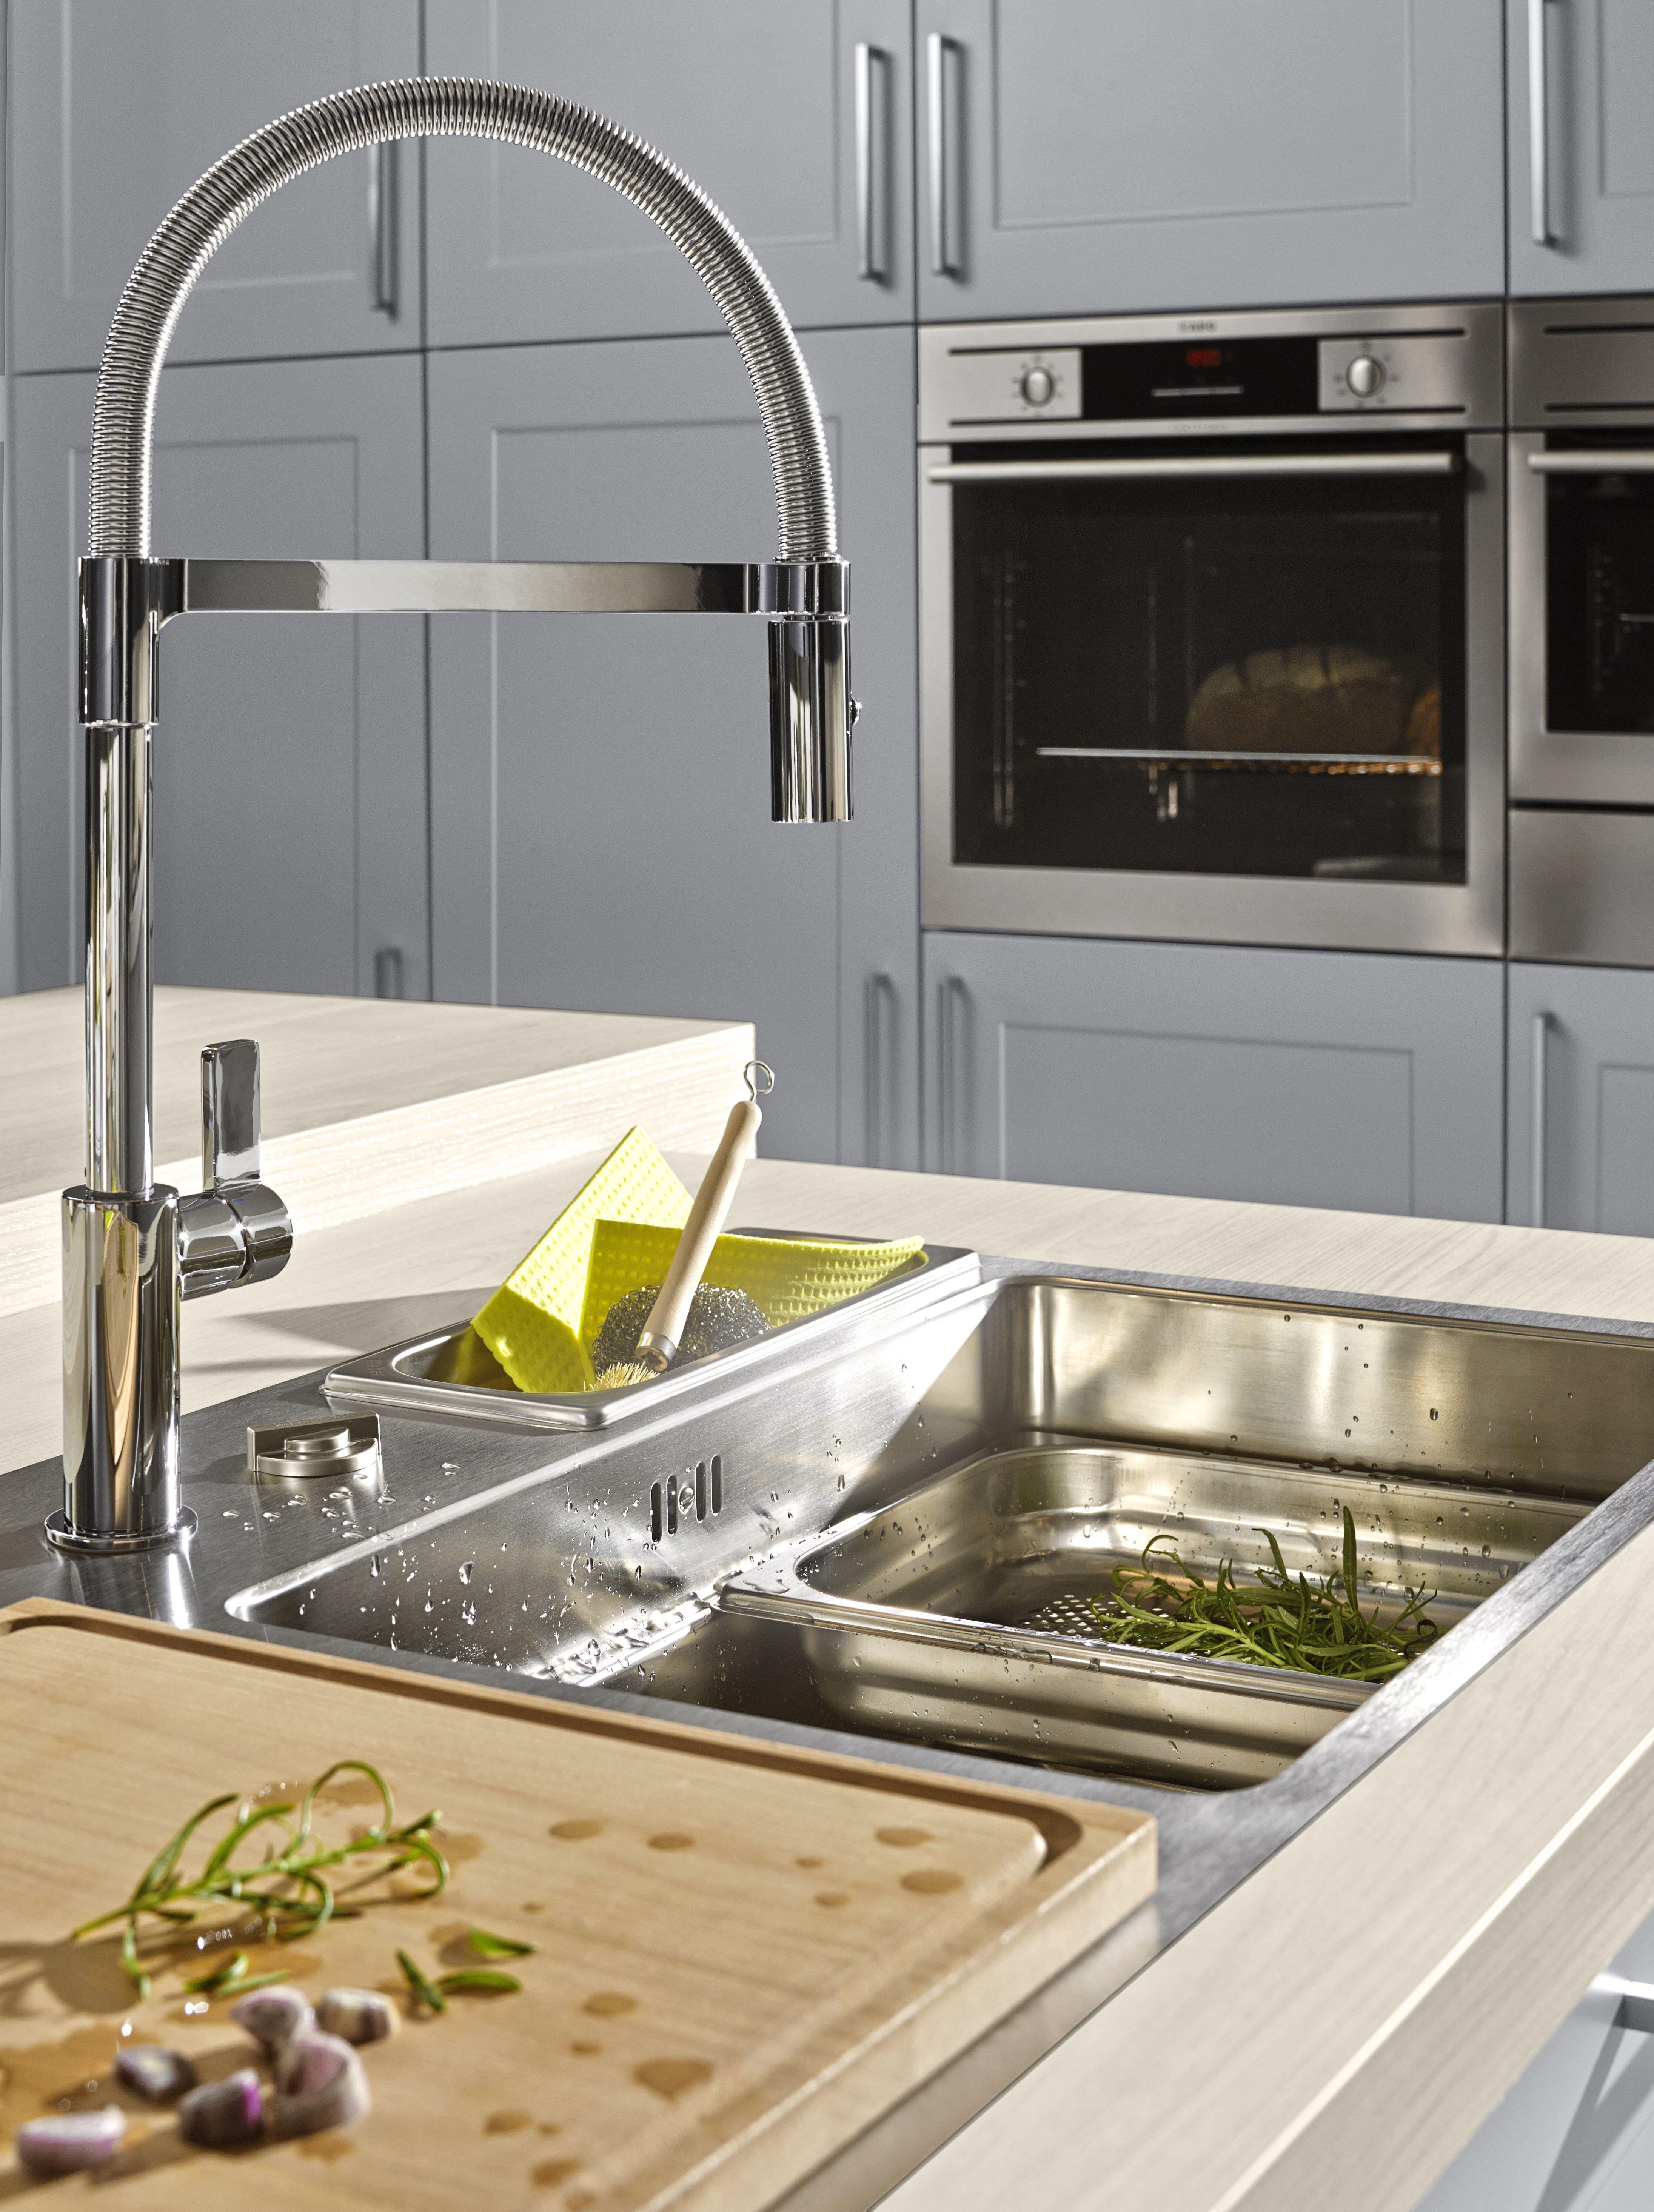 nolte german kitchen inspiration ideas modern